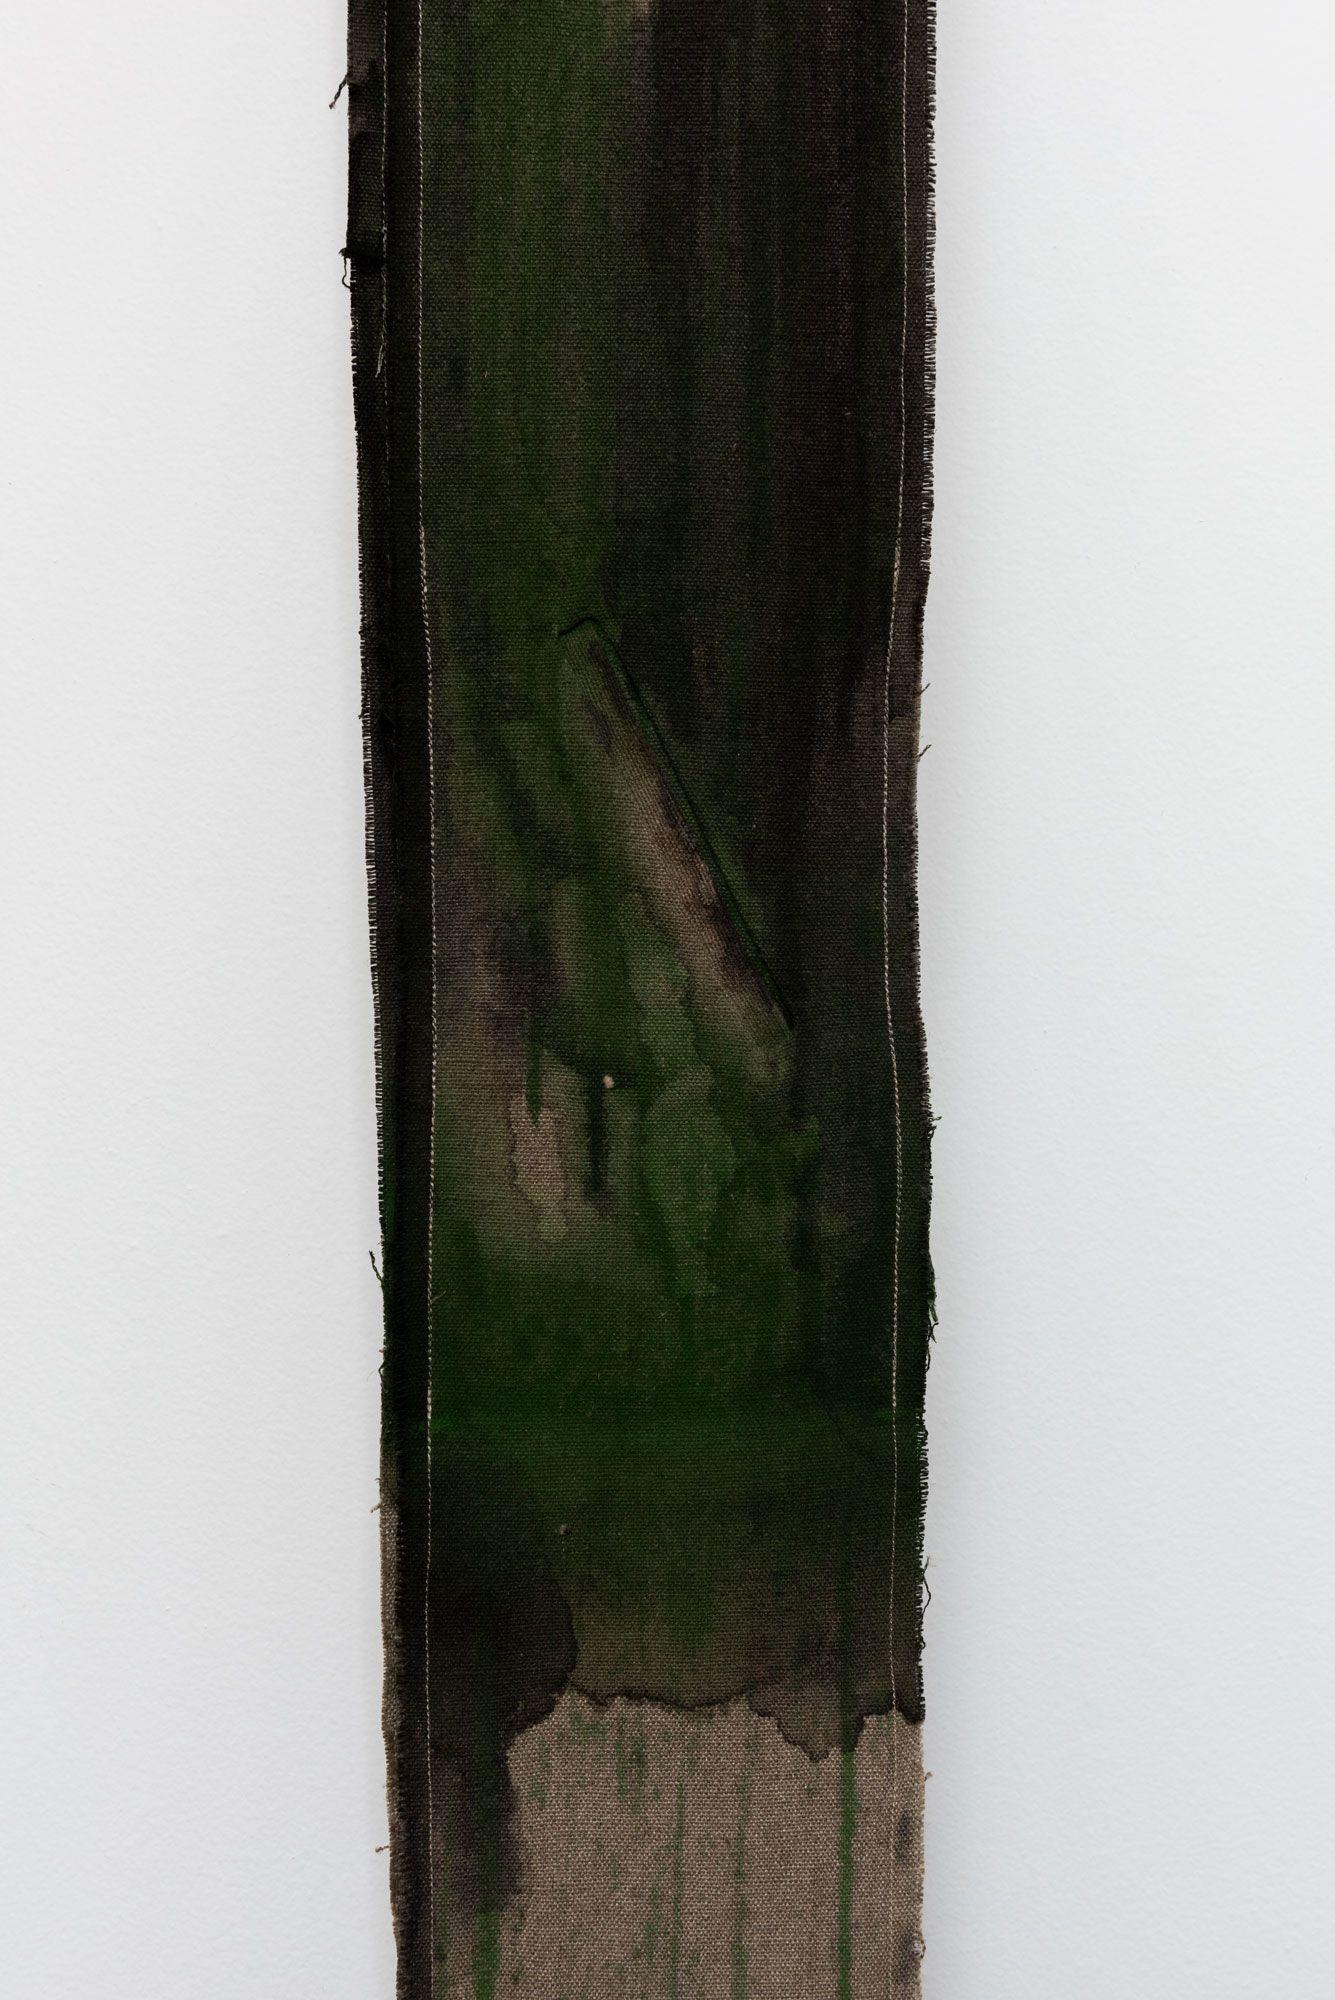 Slash Pocket, detail